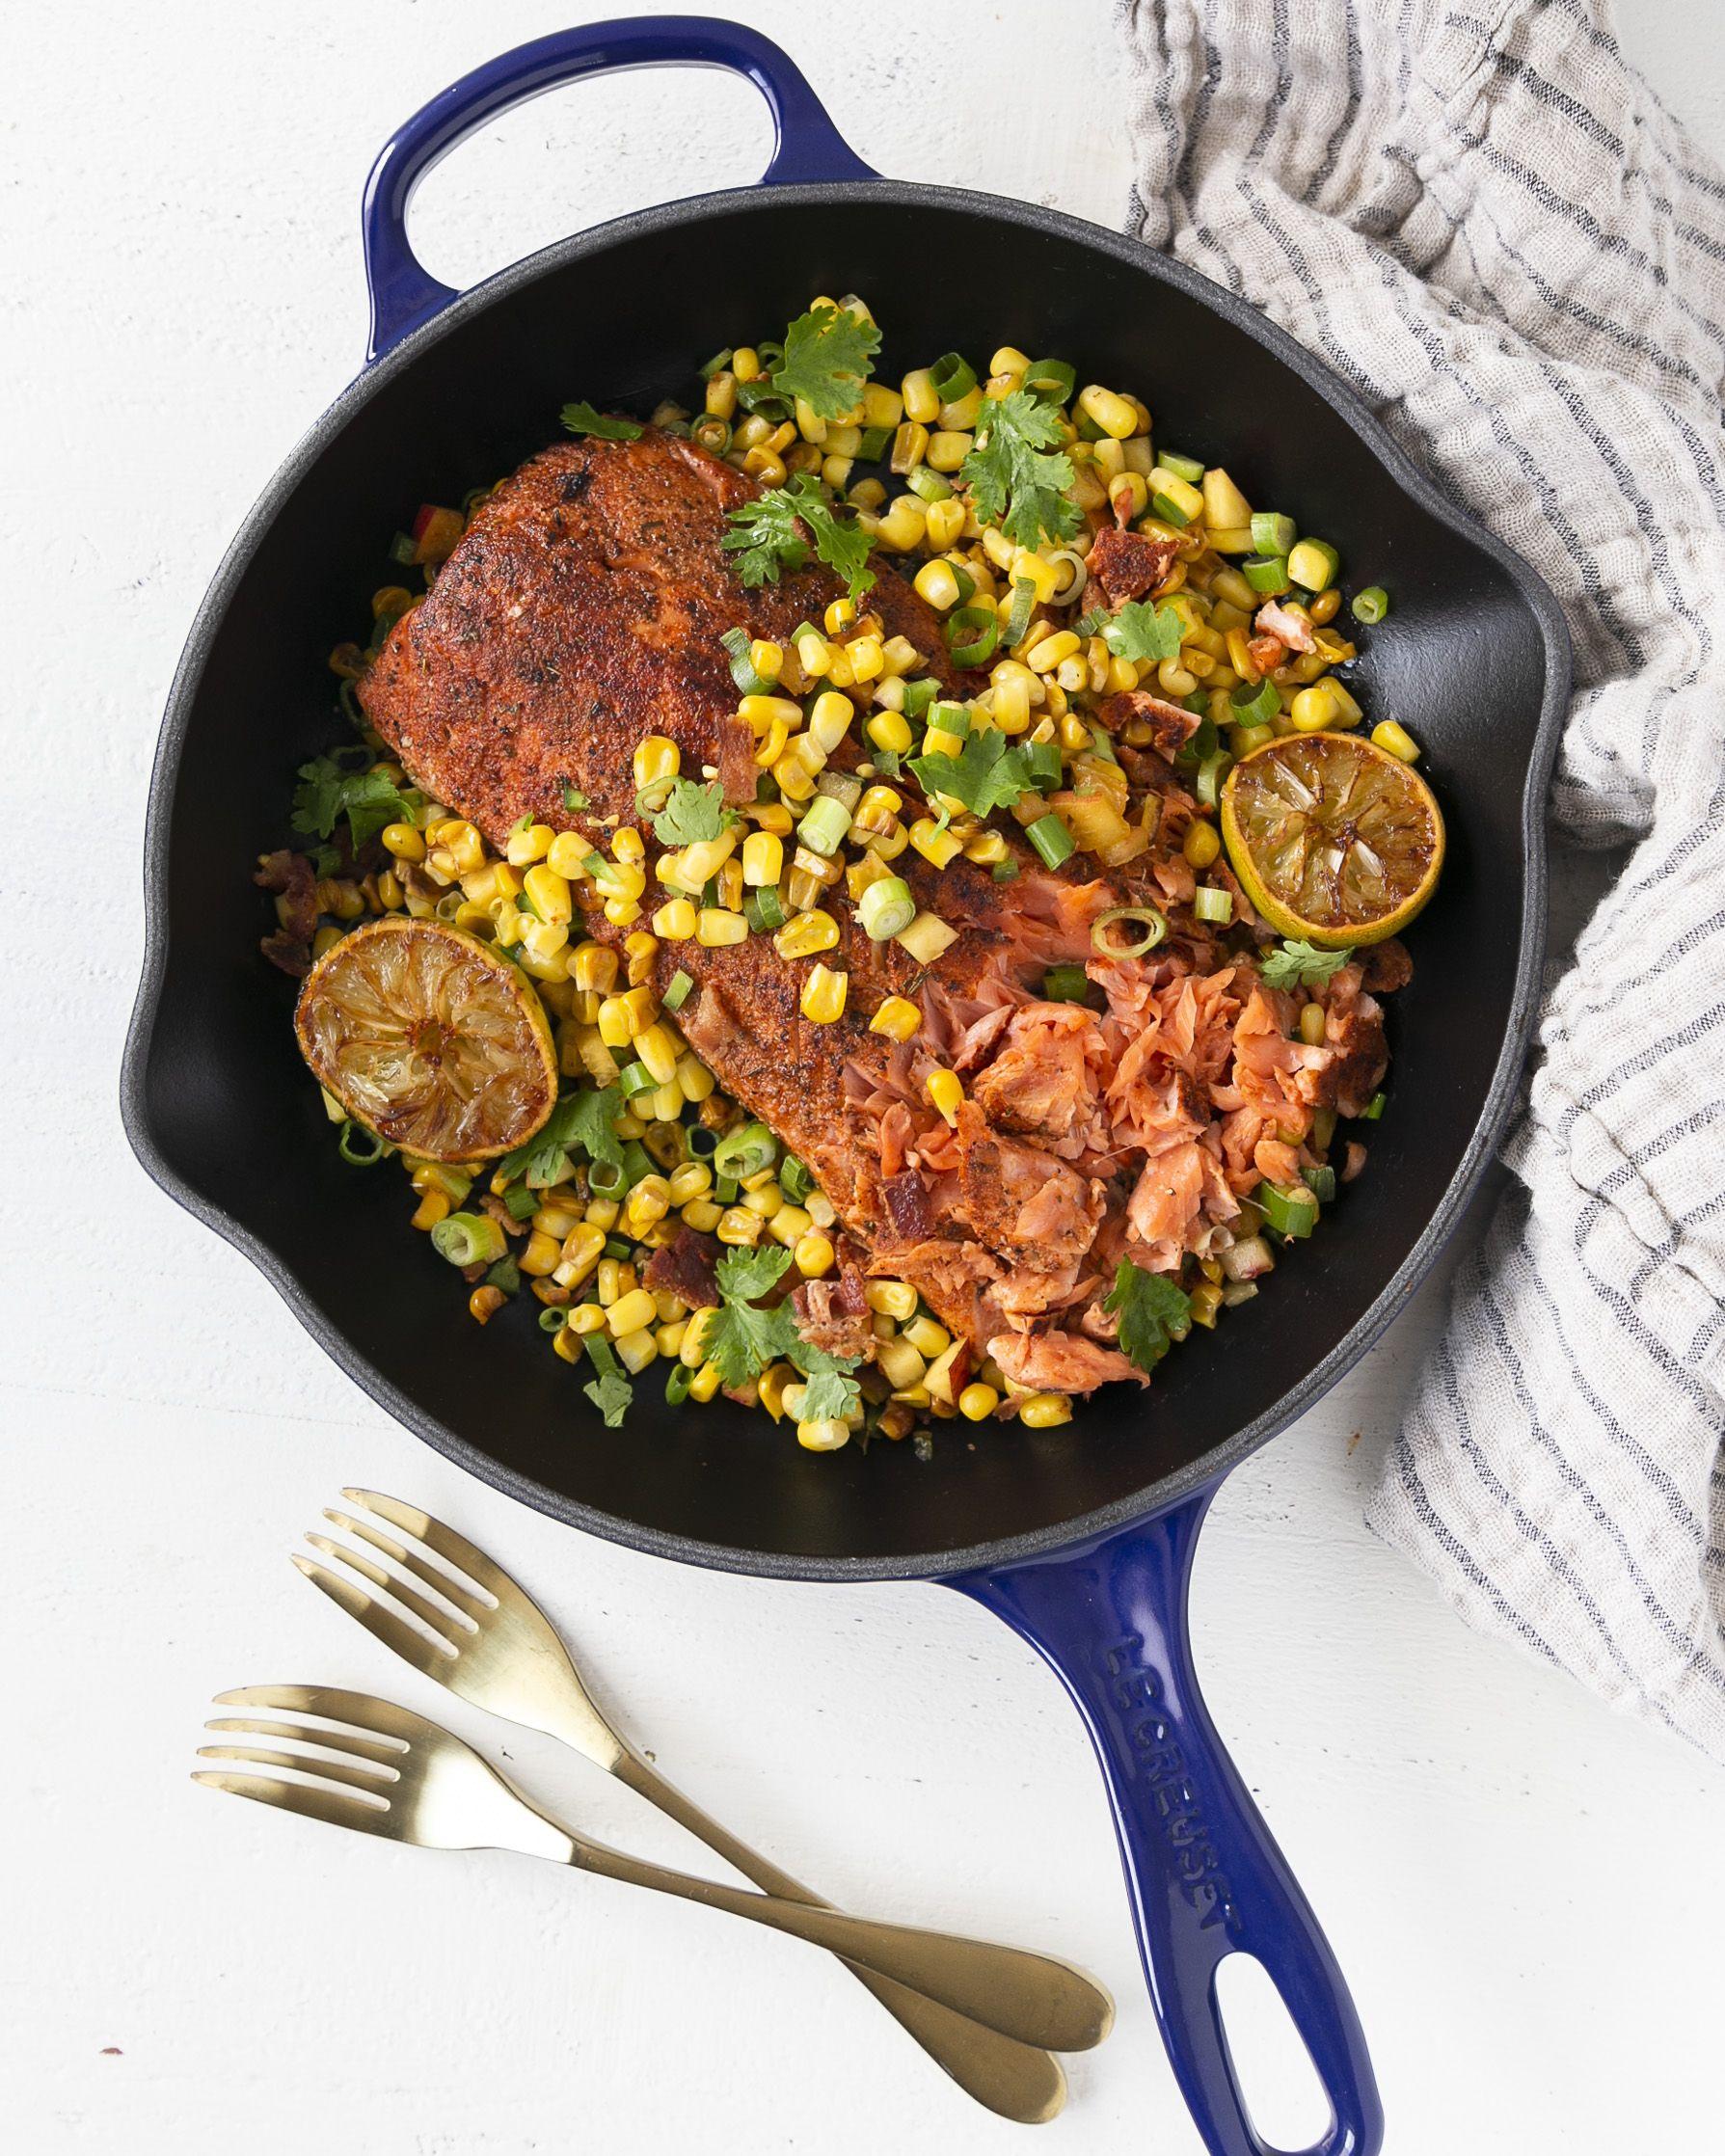 Seared Cajun Salmon with Bacon, Corn & Nectarines